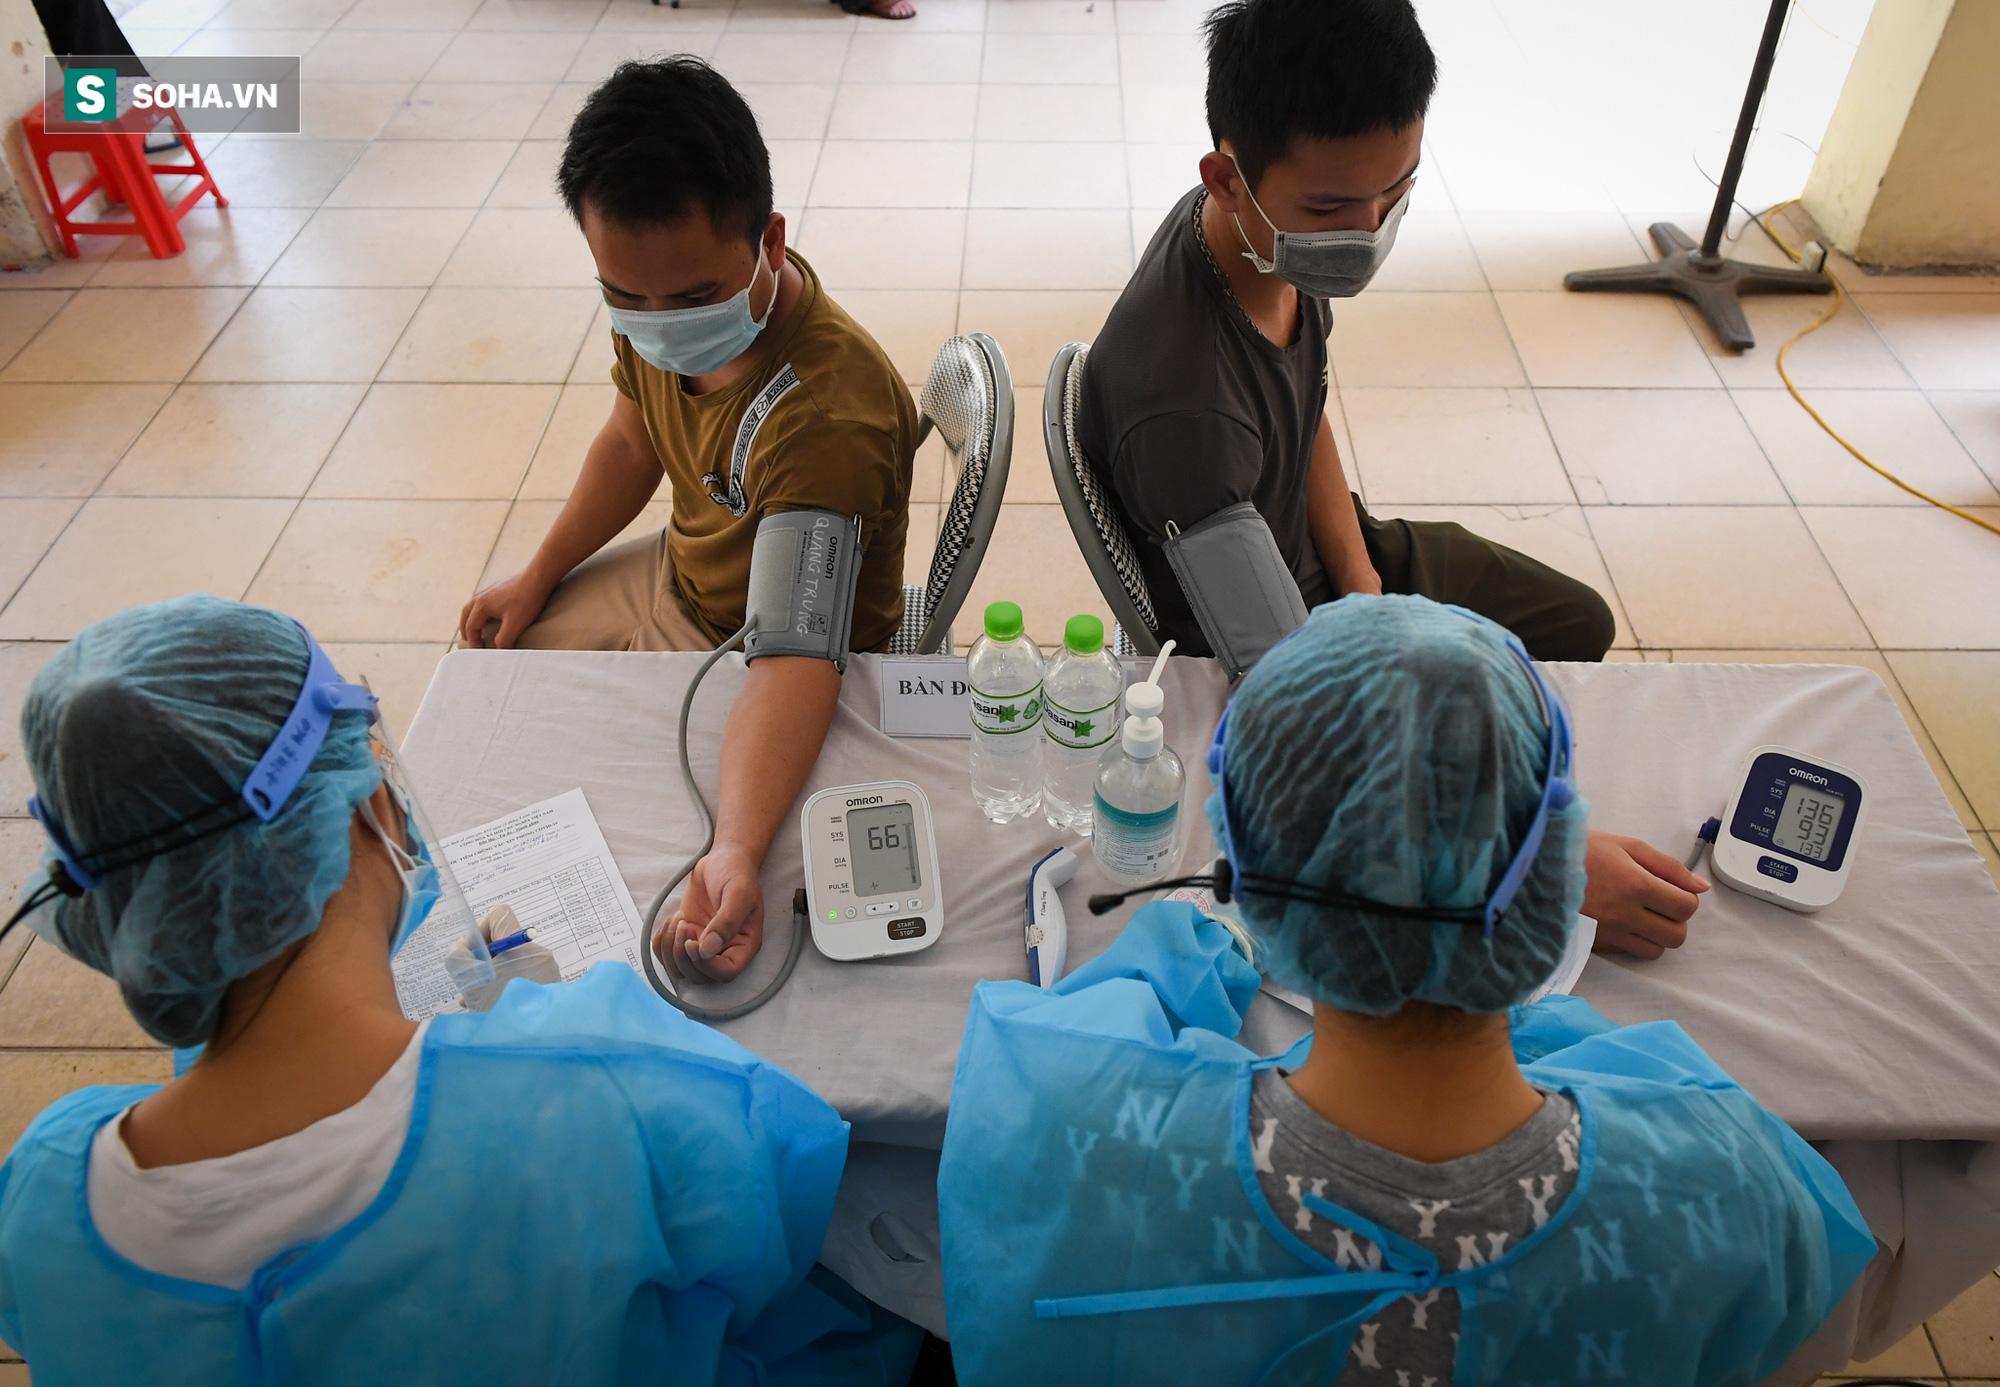 Phường ở Hà Nội tiêm vắc xin Covid-19 cho cả người không có giấy tờ tuỳ thân - Ảnh 2.